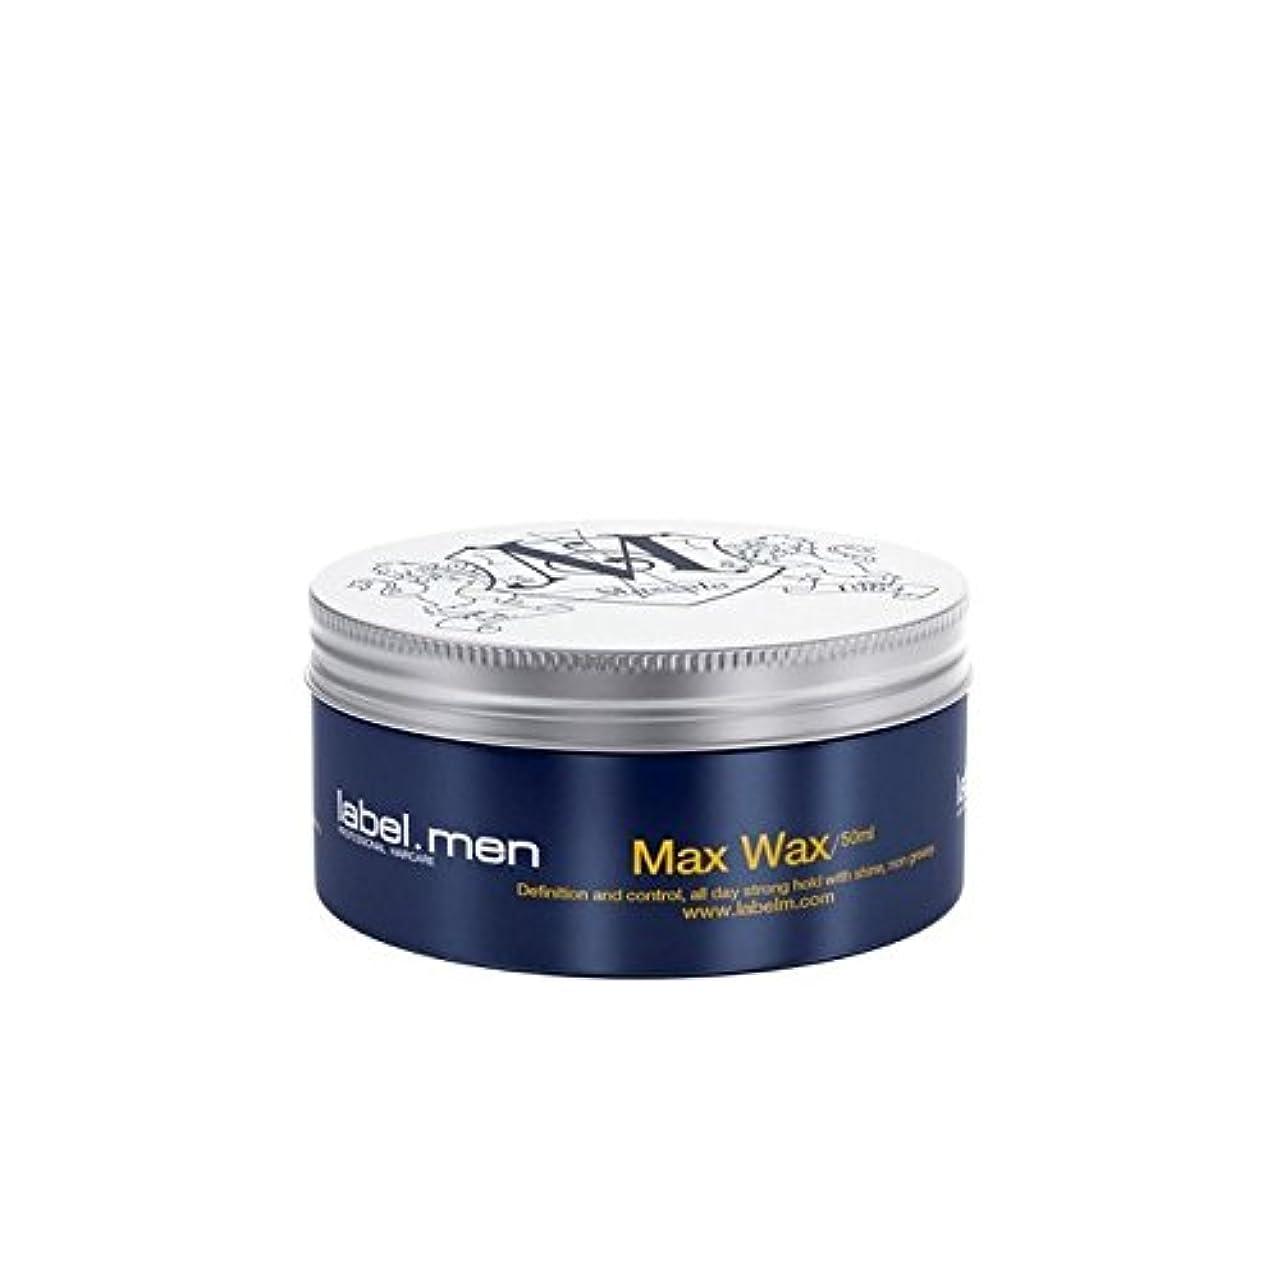 急いでゴルフ発信.マックスワックス(50ミリリットル) x4 - Label.Men Max Wax (50ml) (Pack of 4) [並行輸入品]